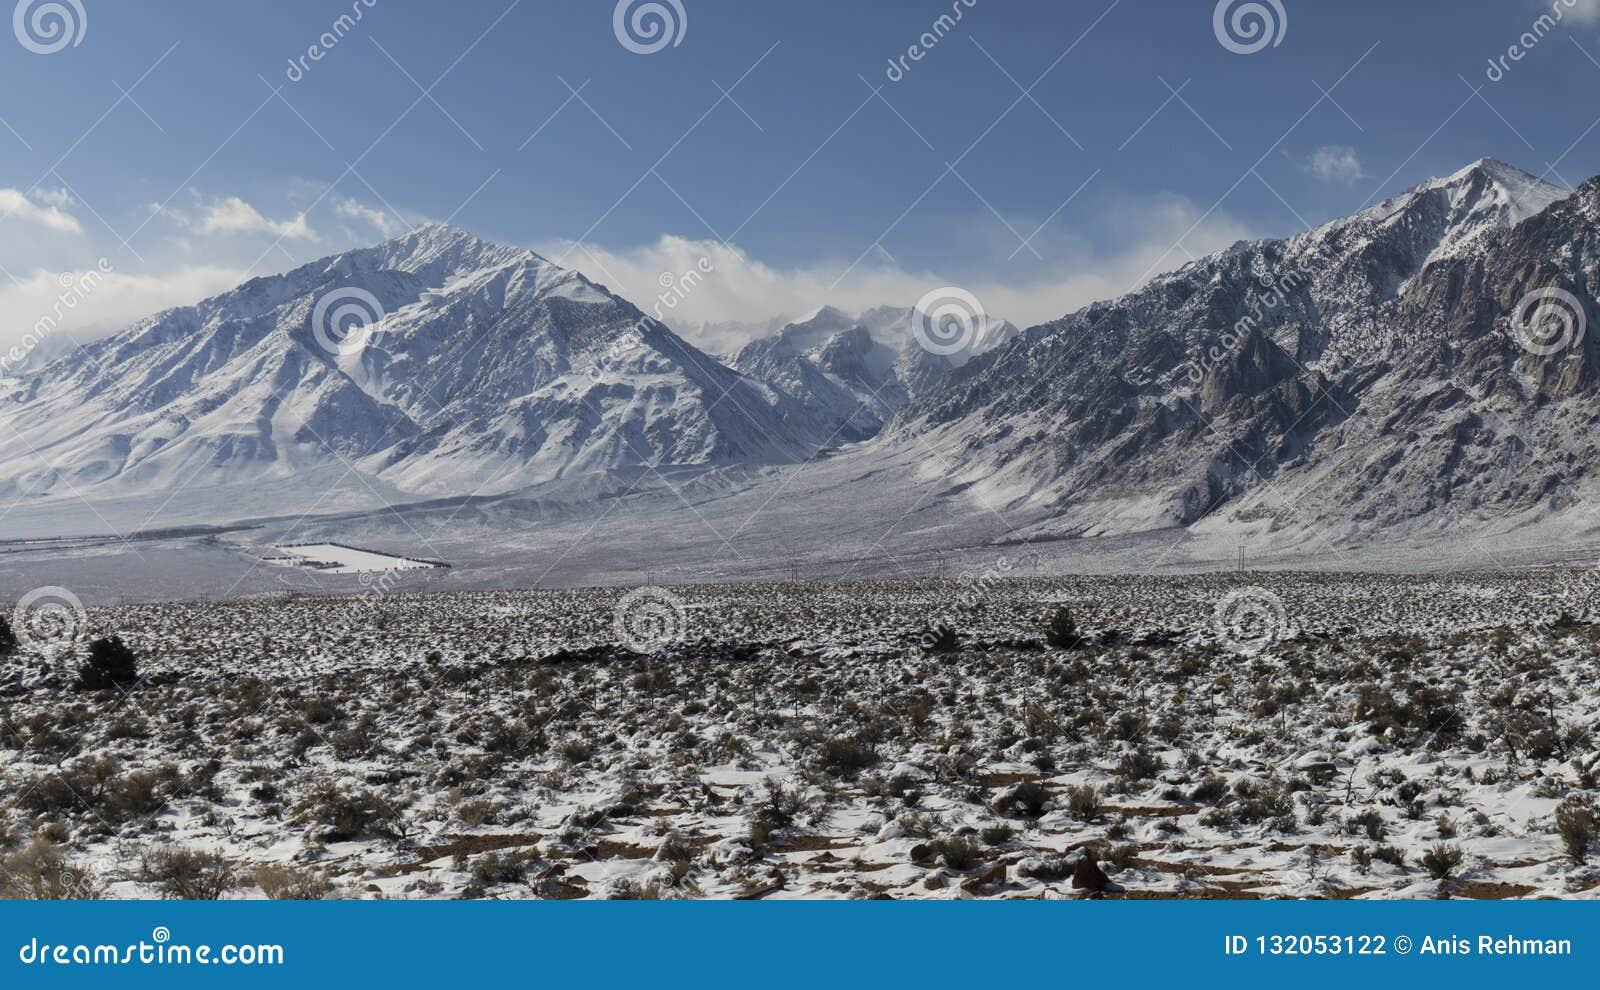 Inverno, neve no vale - montanhas no fundo